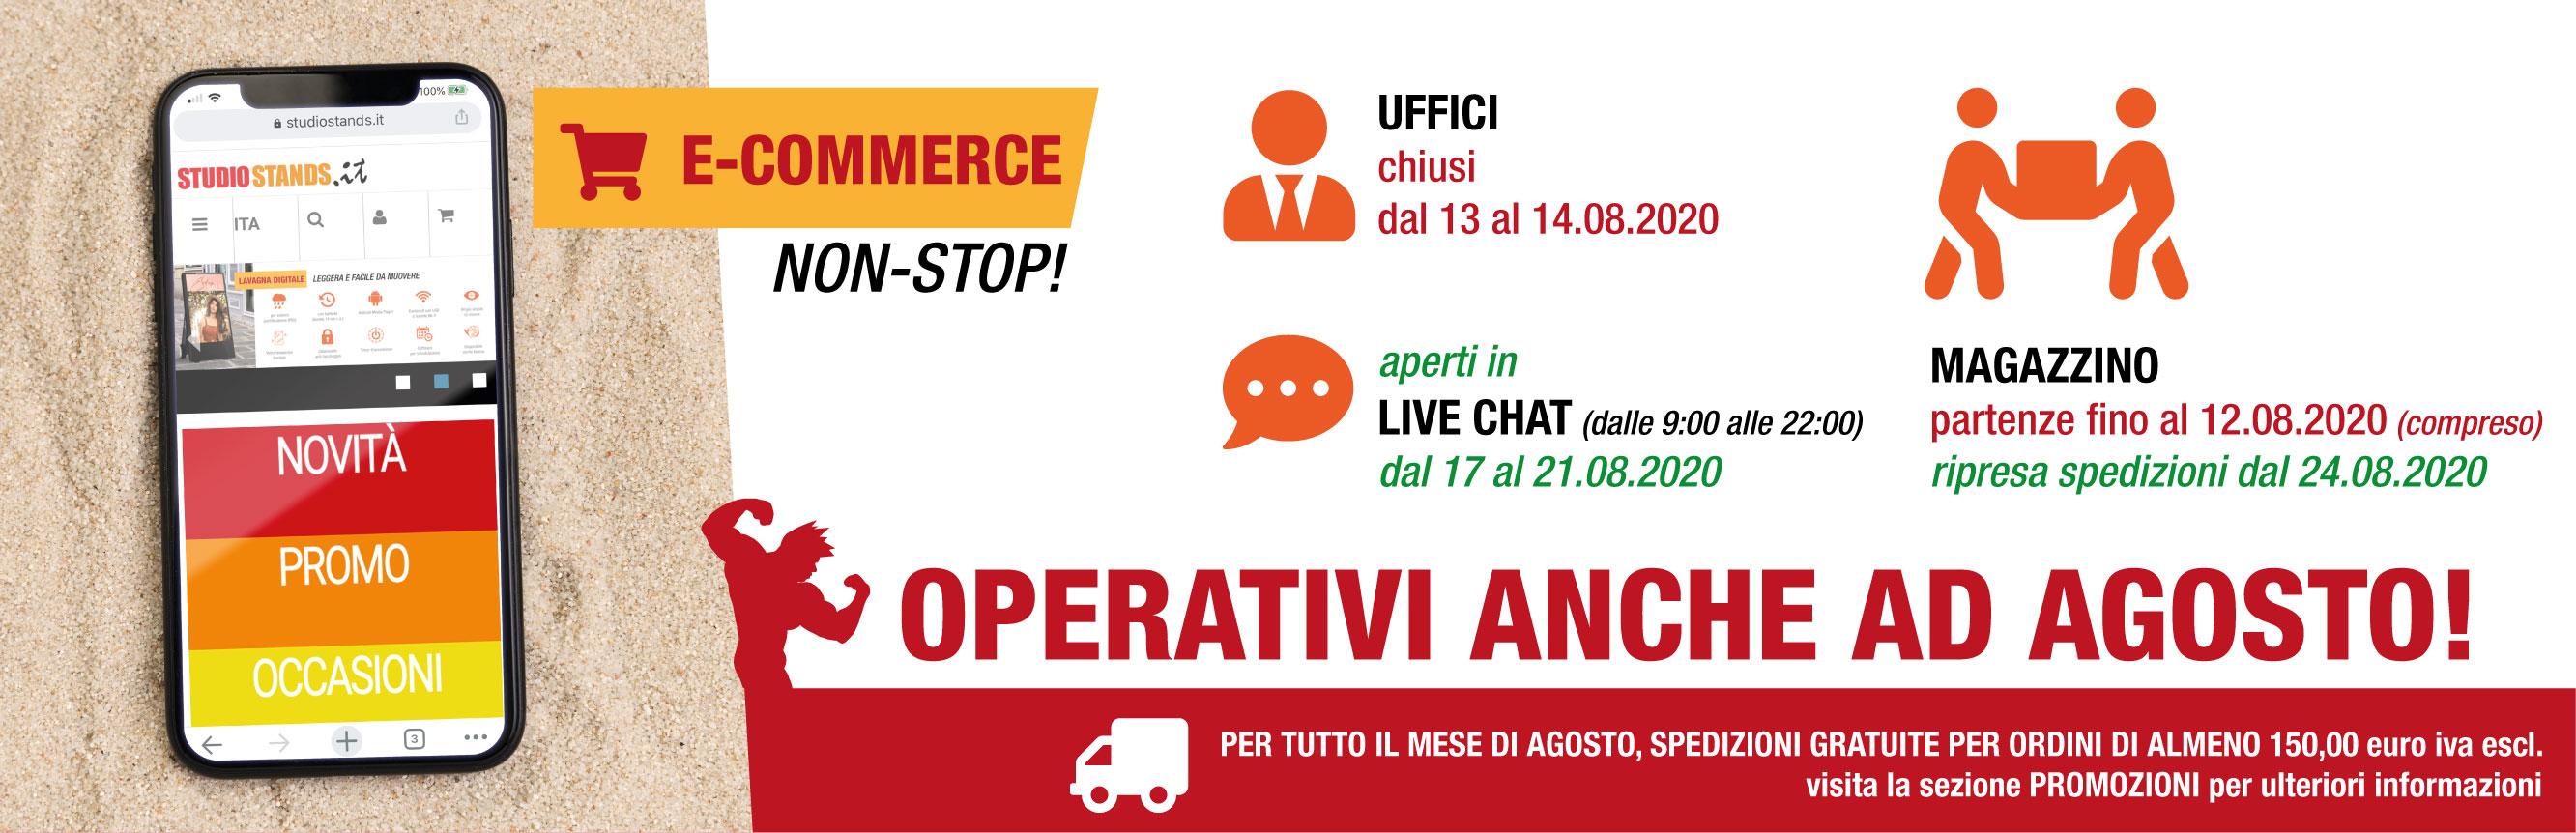 e-commerce non-stop